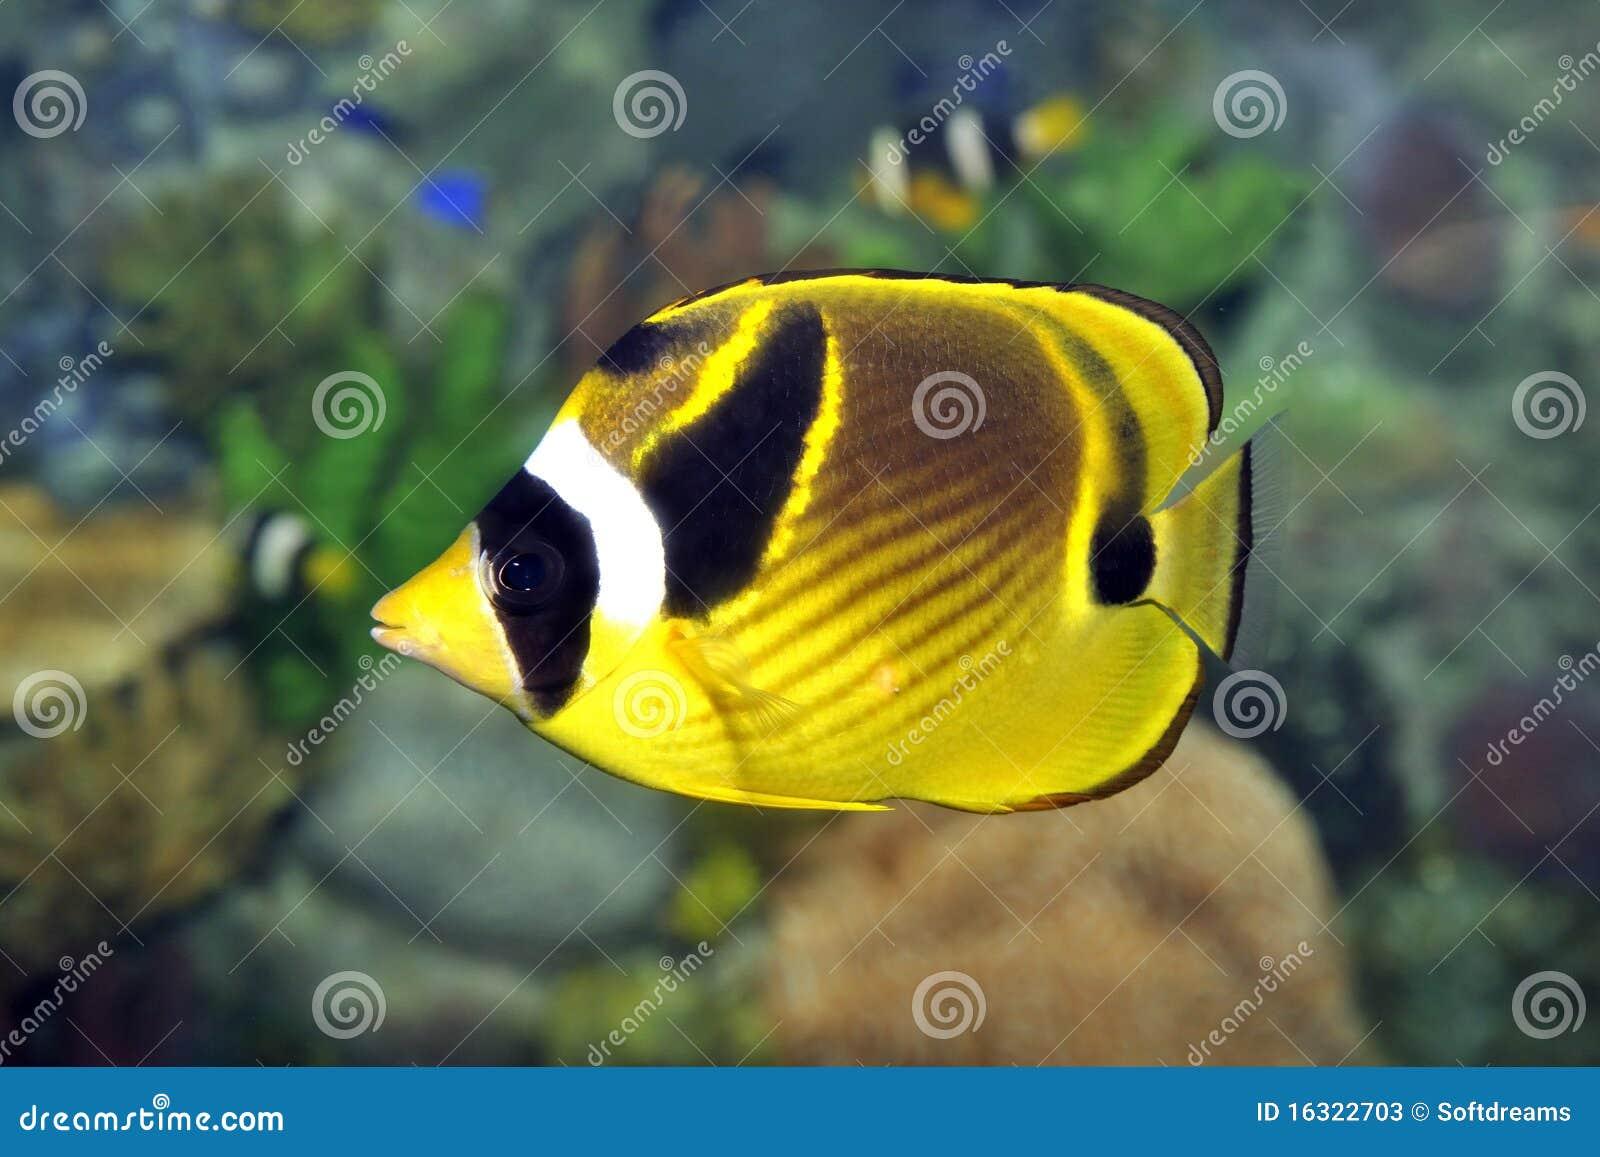 Pesci tropicali fotografie stock immagine 16322703 for Acquario pesci tropicali